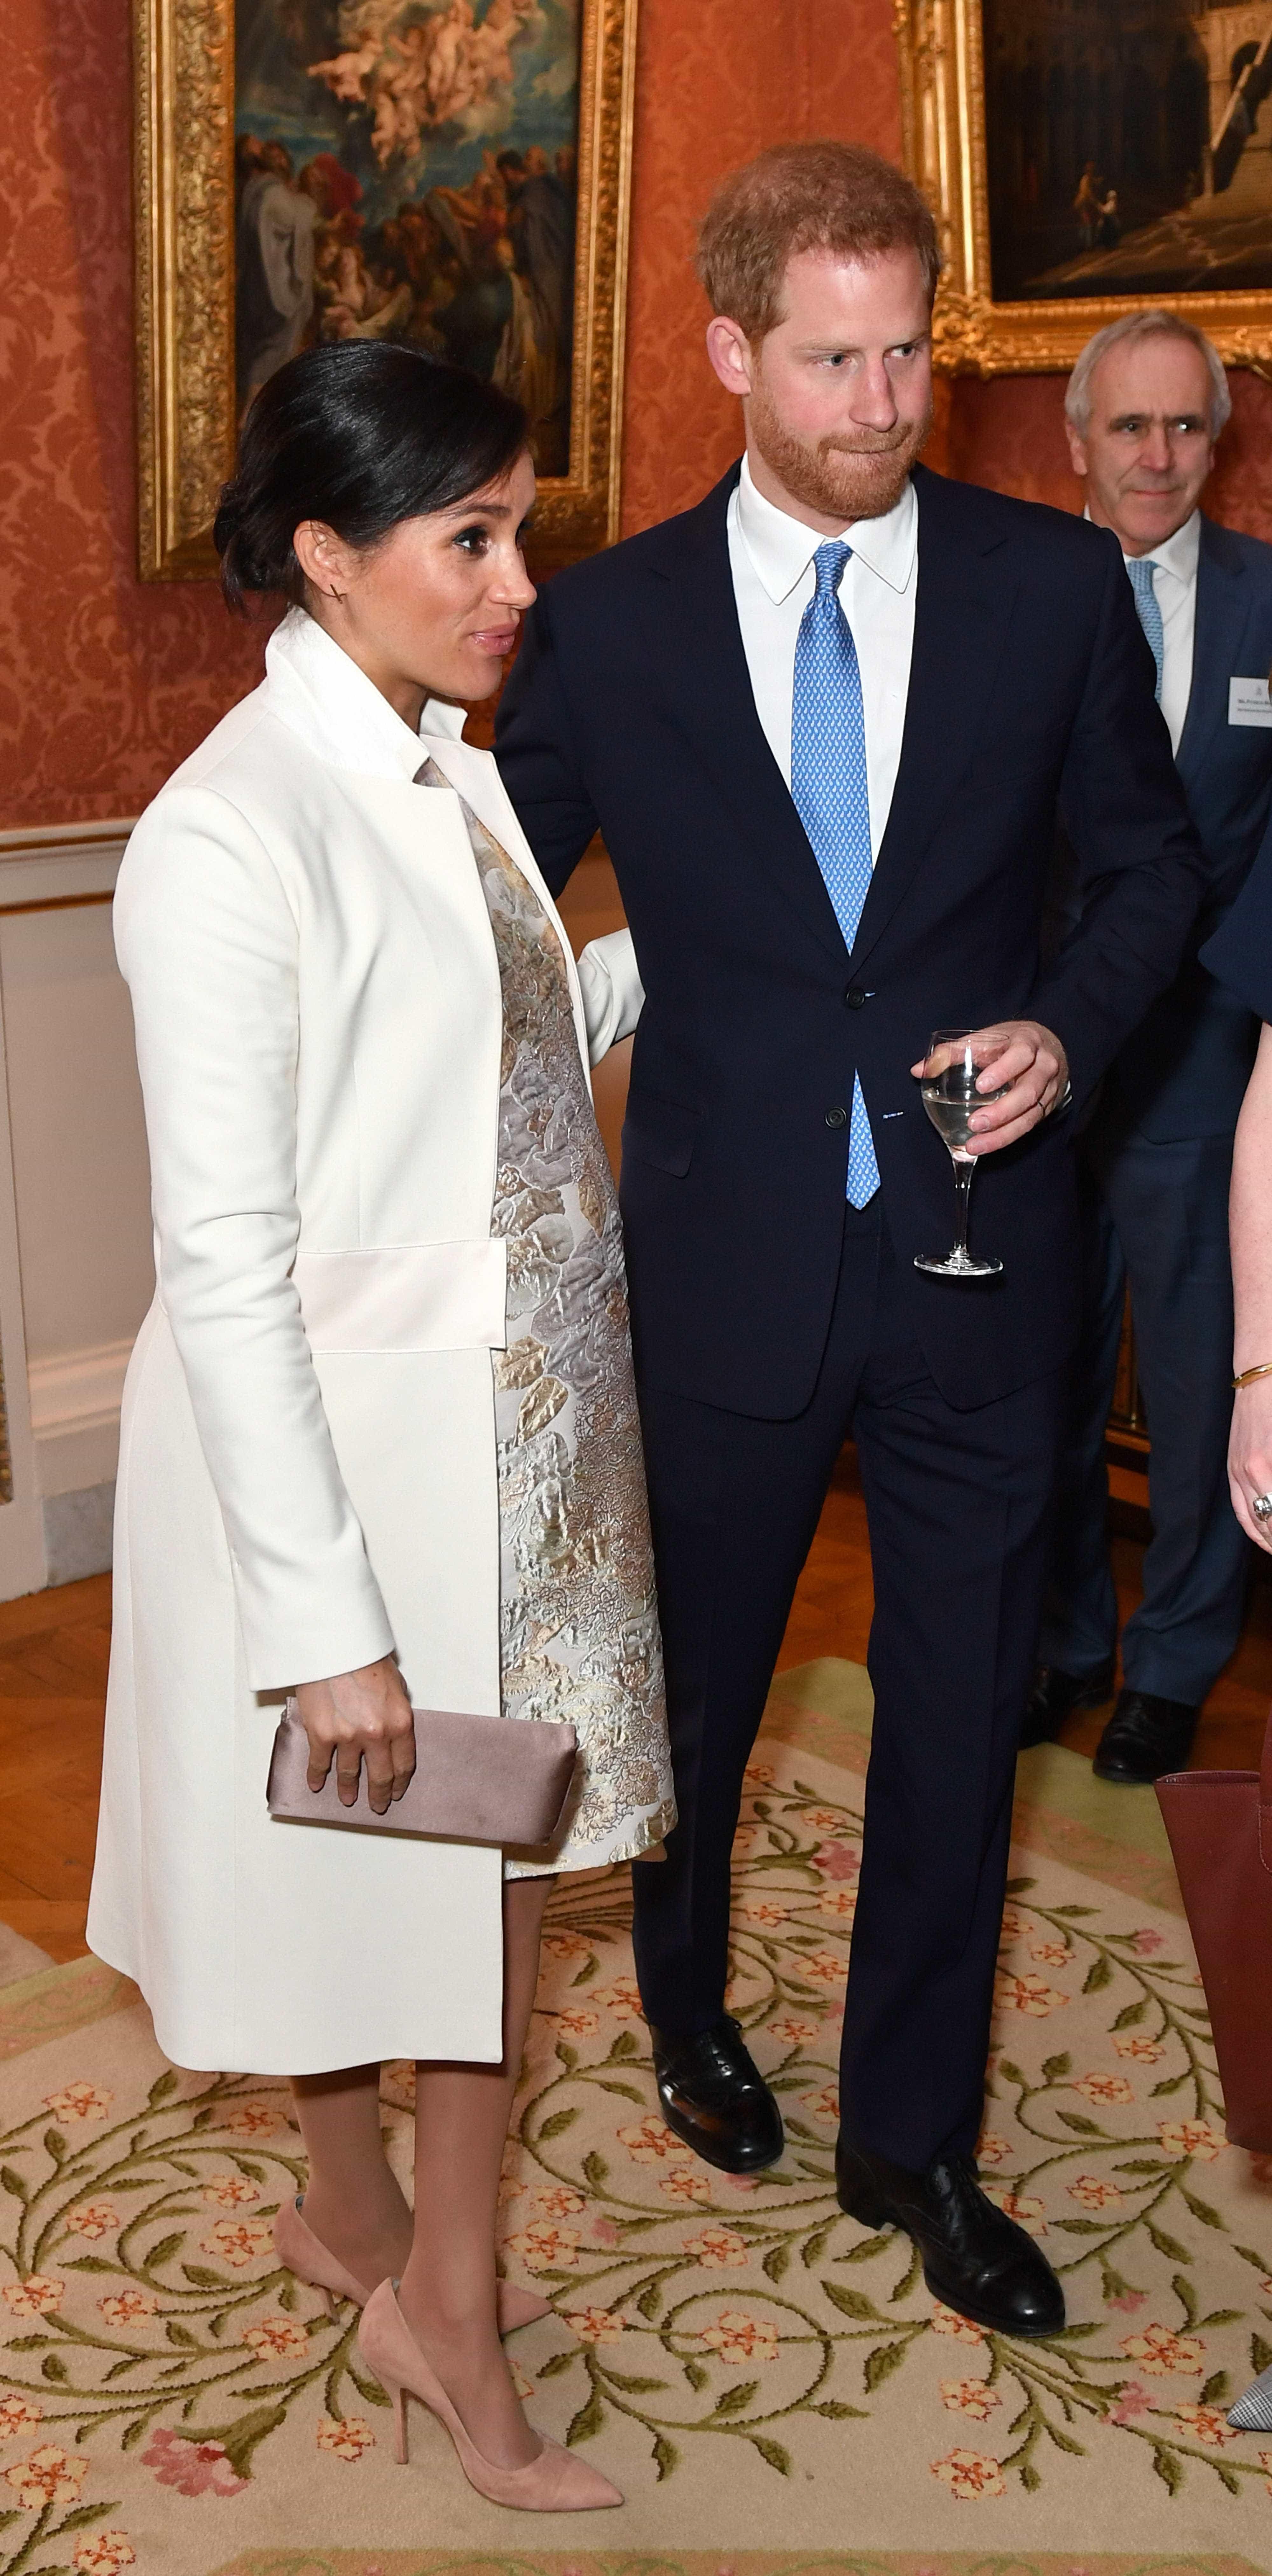 Kate Middleton e Meghan Markle brilham em festa organizada pela rainha